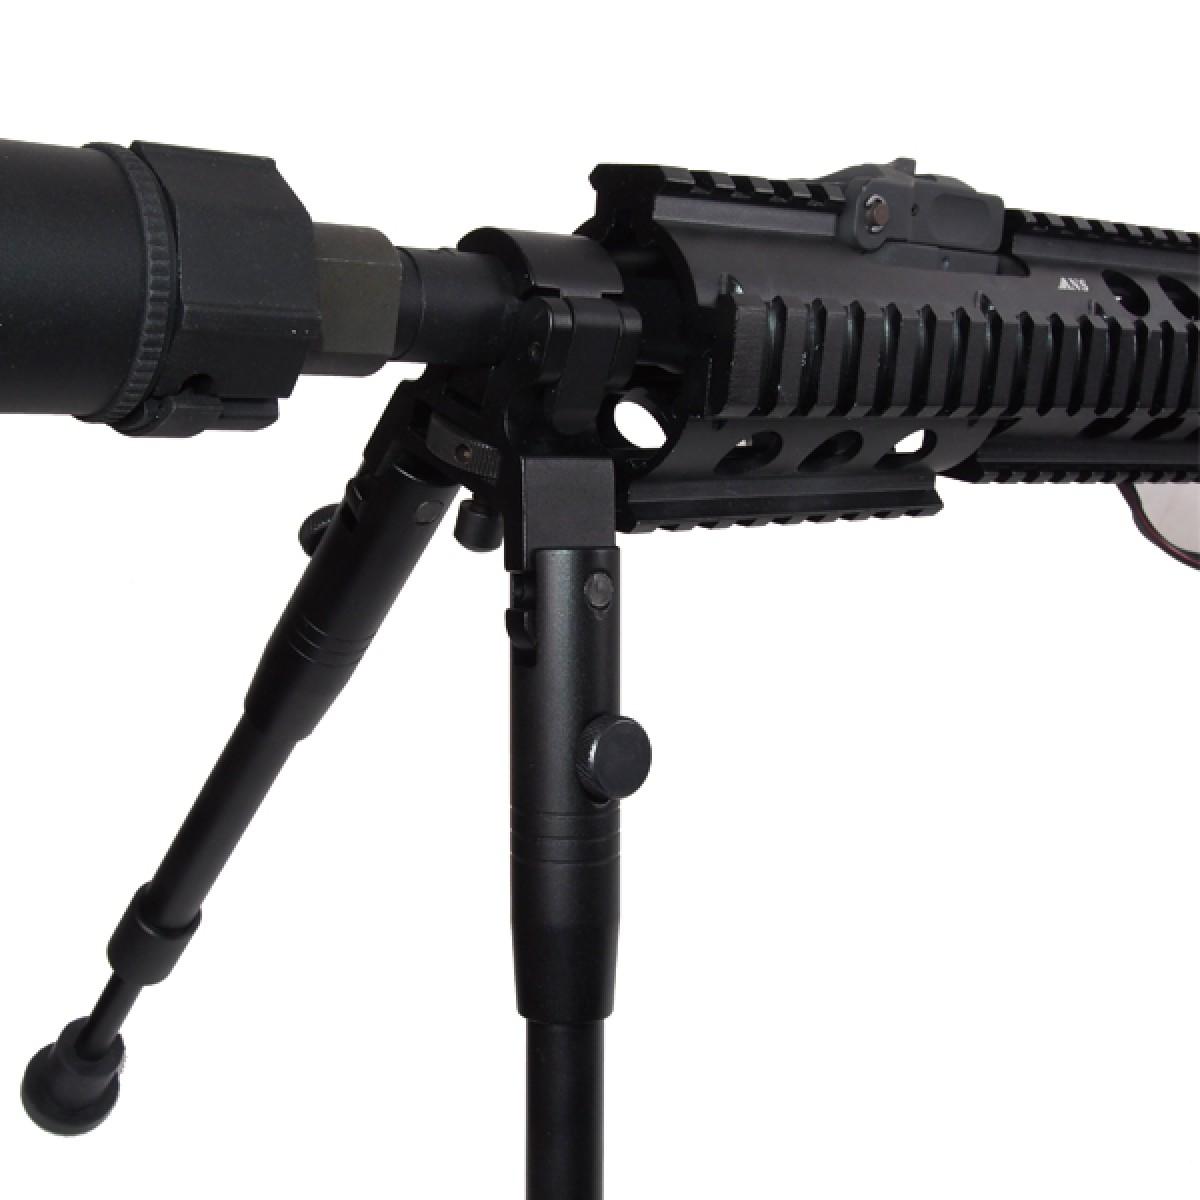 伸縮式 BATTLE BI-POD アウターバレル用 バイポッド